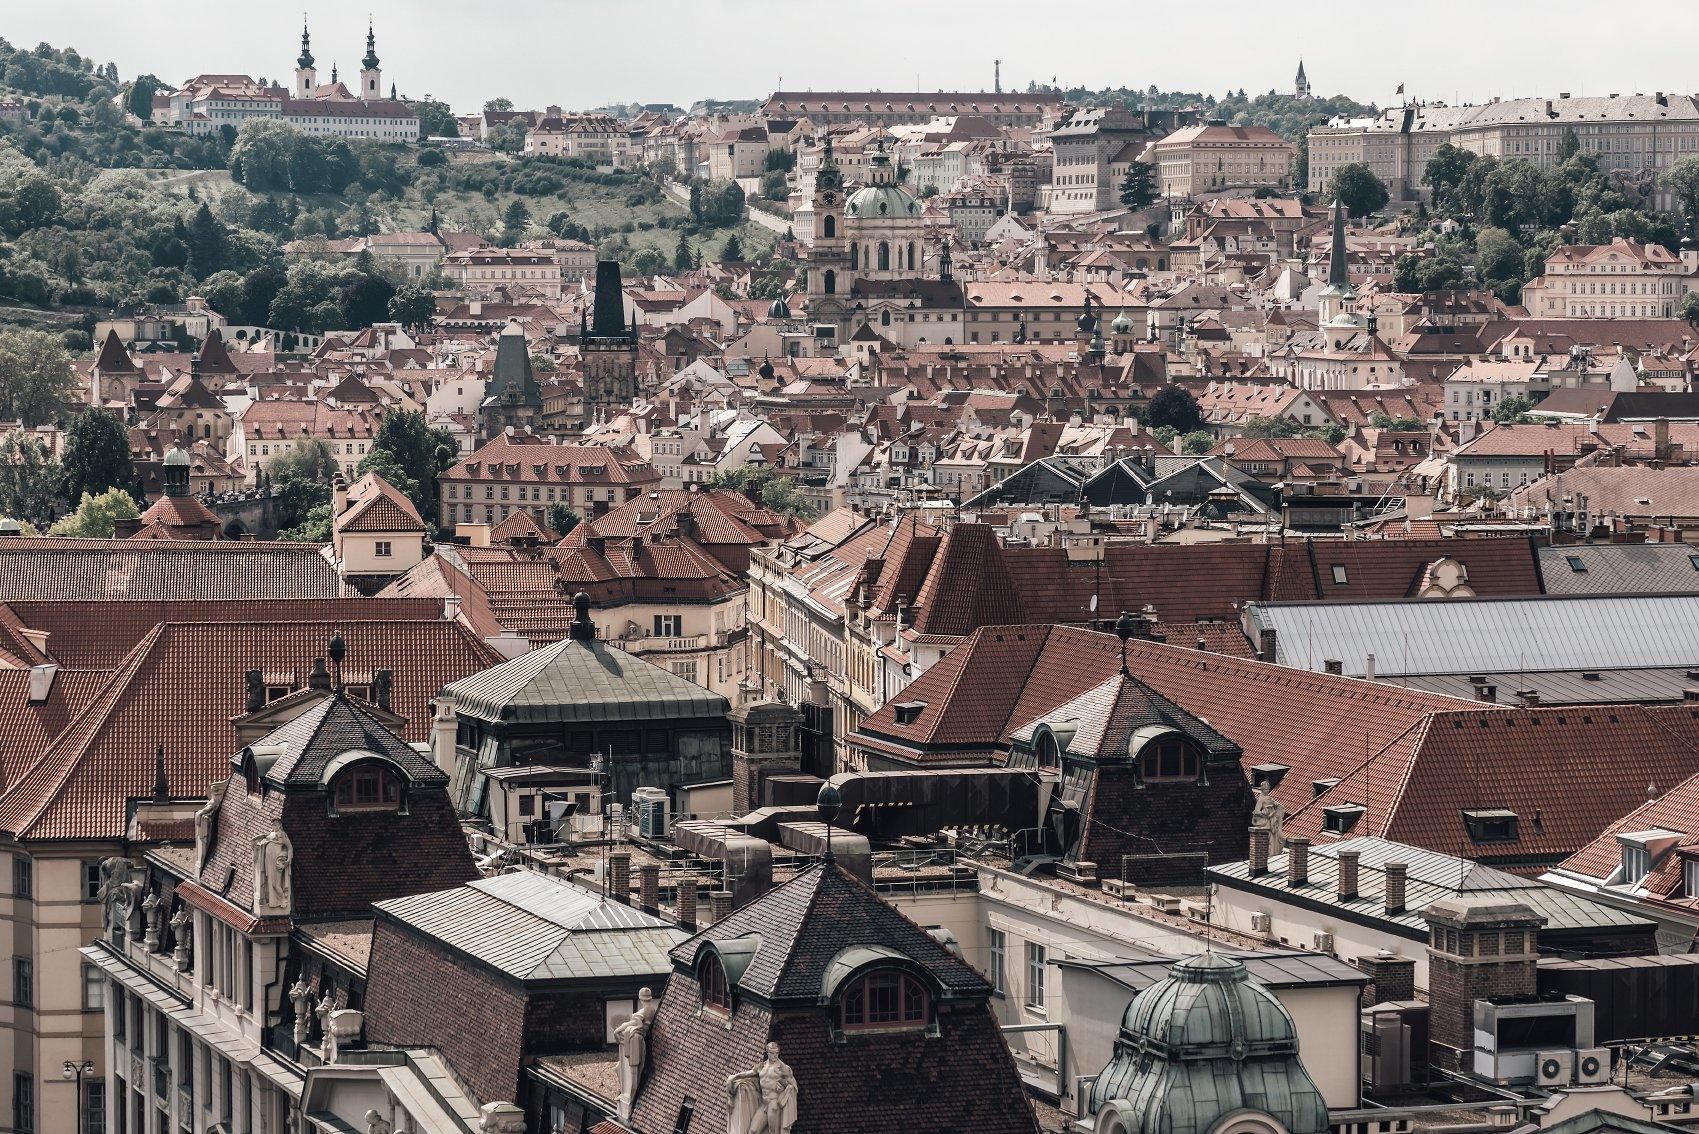 布拉格屋顶和城市景观 Prague Rooftops Cityscape插图(5)